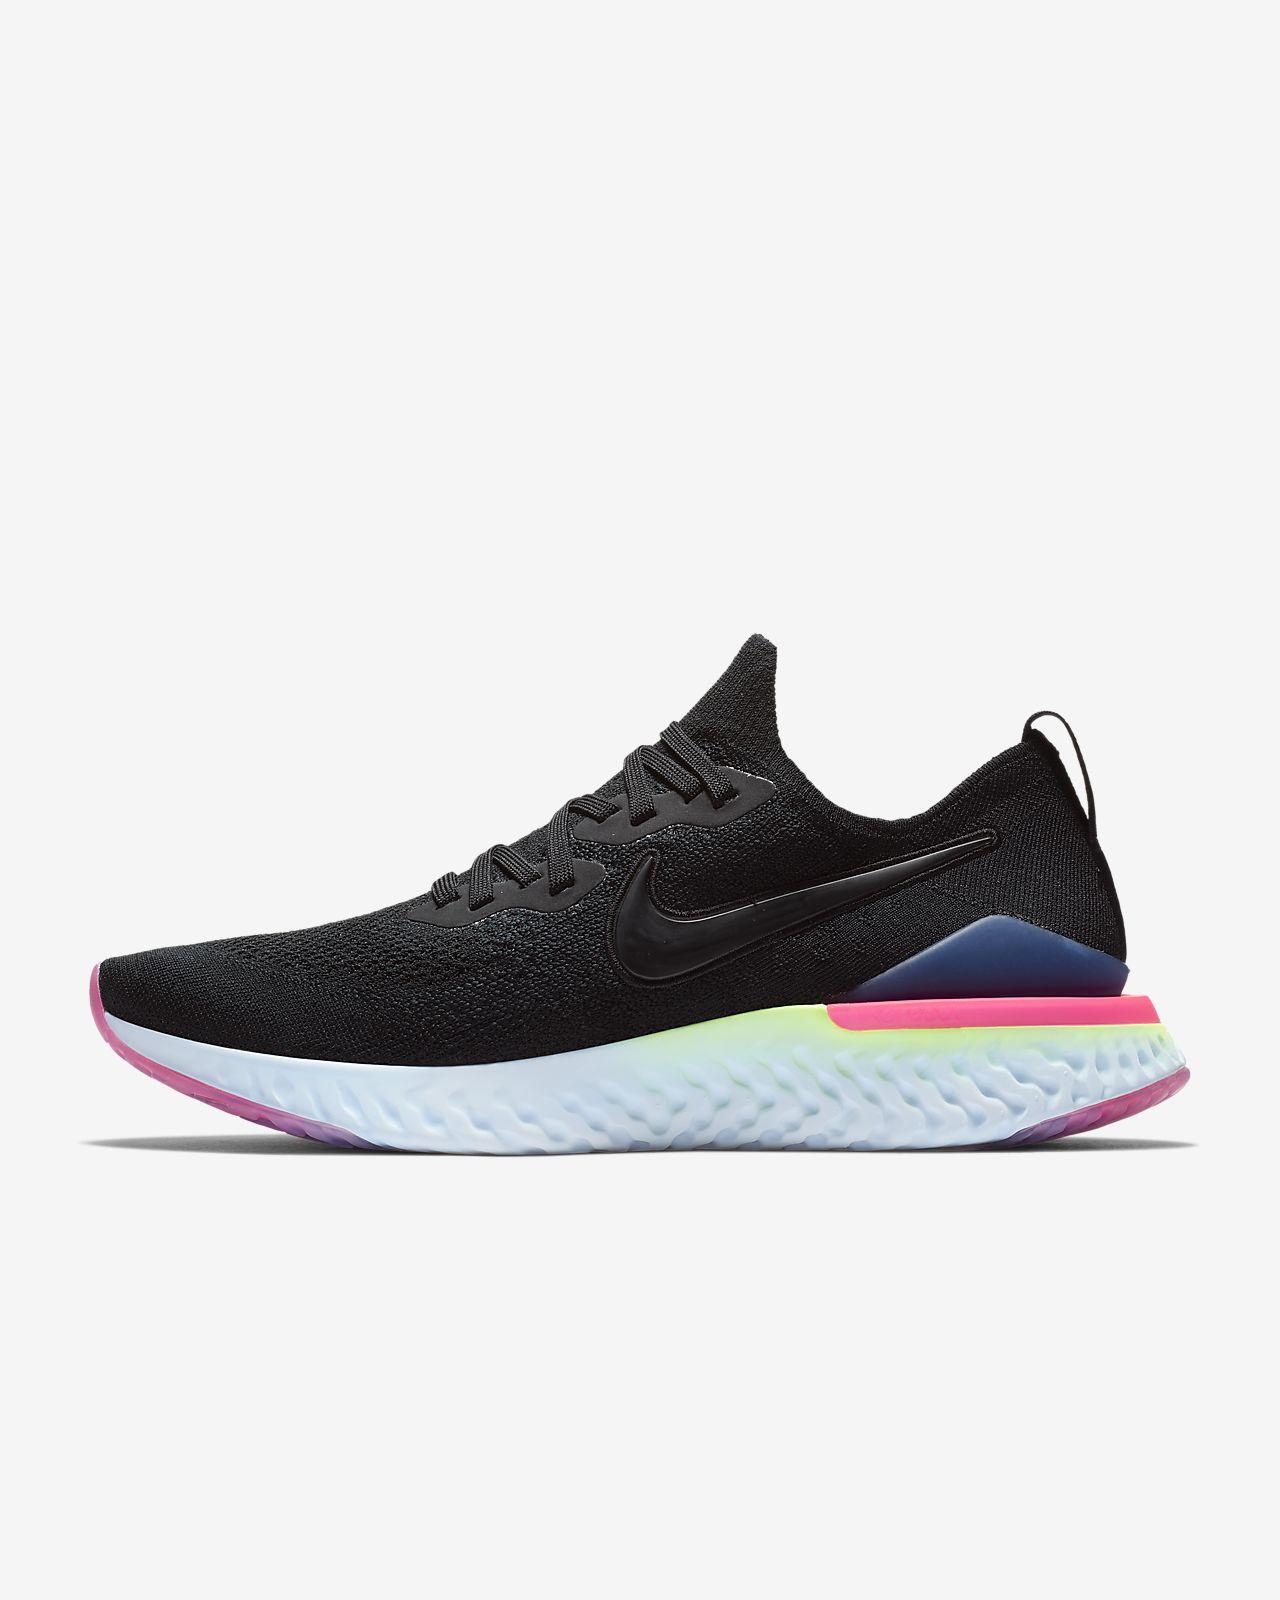 112c280506d Nike Epic React Flyknit 2 Men s Running Shoe. Nike.com DK